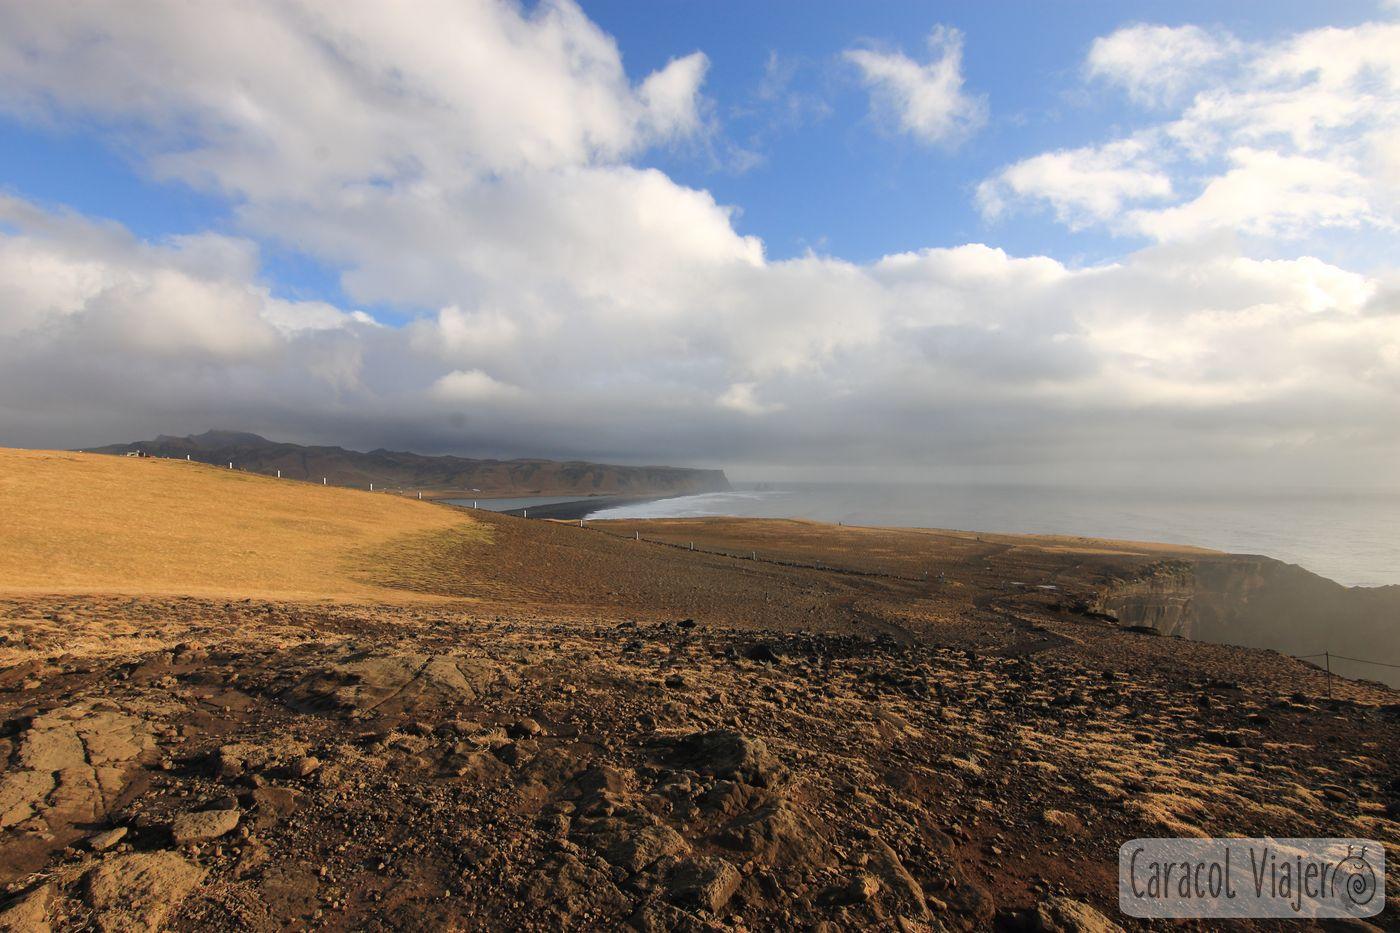 Faro con vistas a la playa de arena negra en Islandia